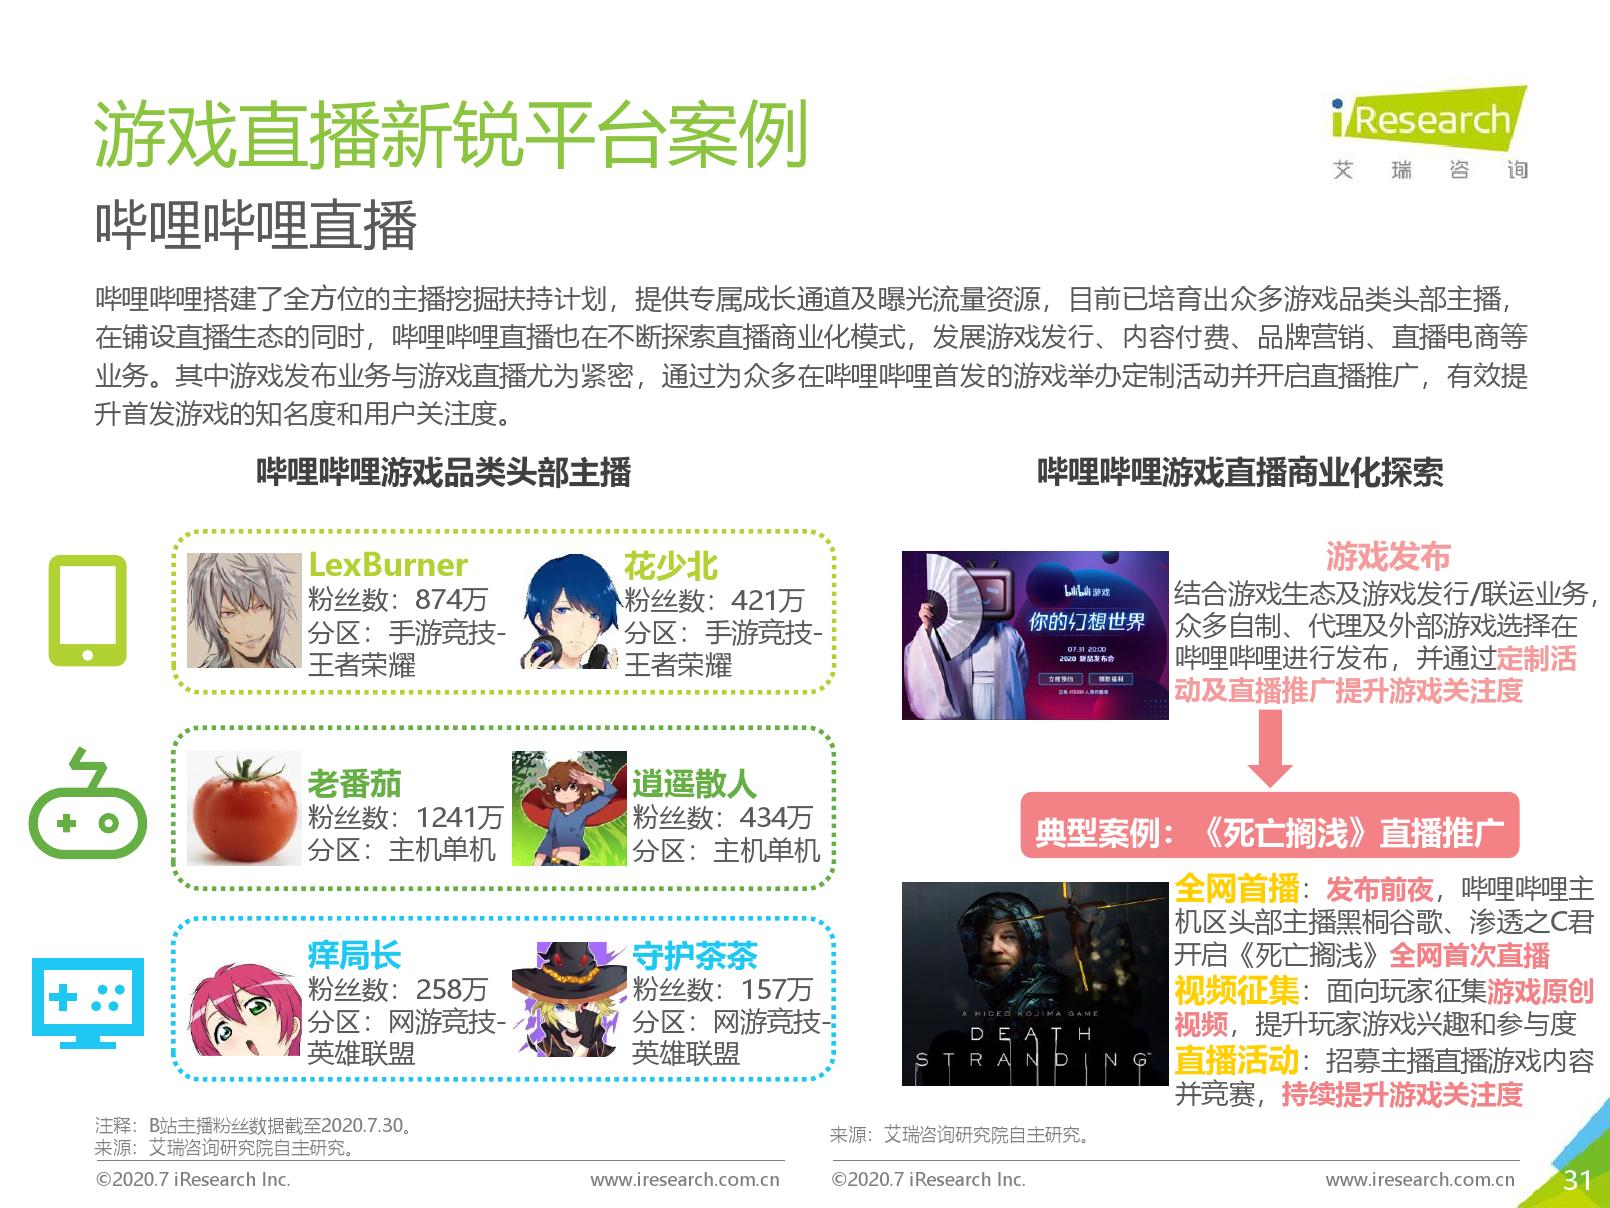 艾瑞咨询:2020年中国游戏直播行业研究报告(可下载报告)插图(61)